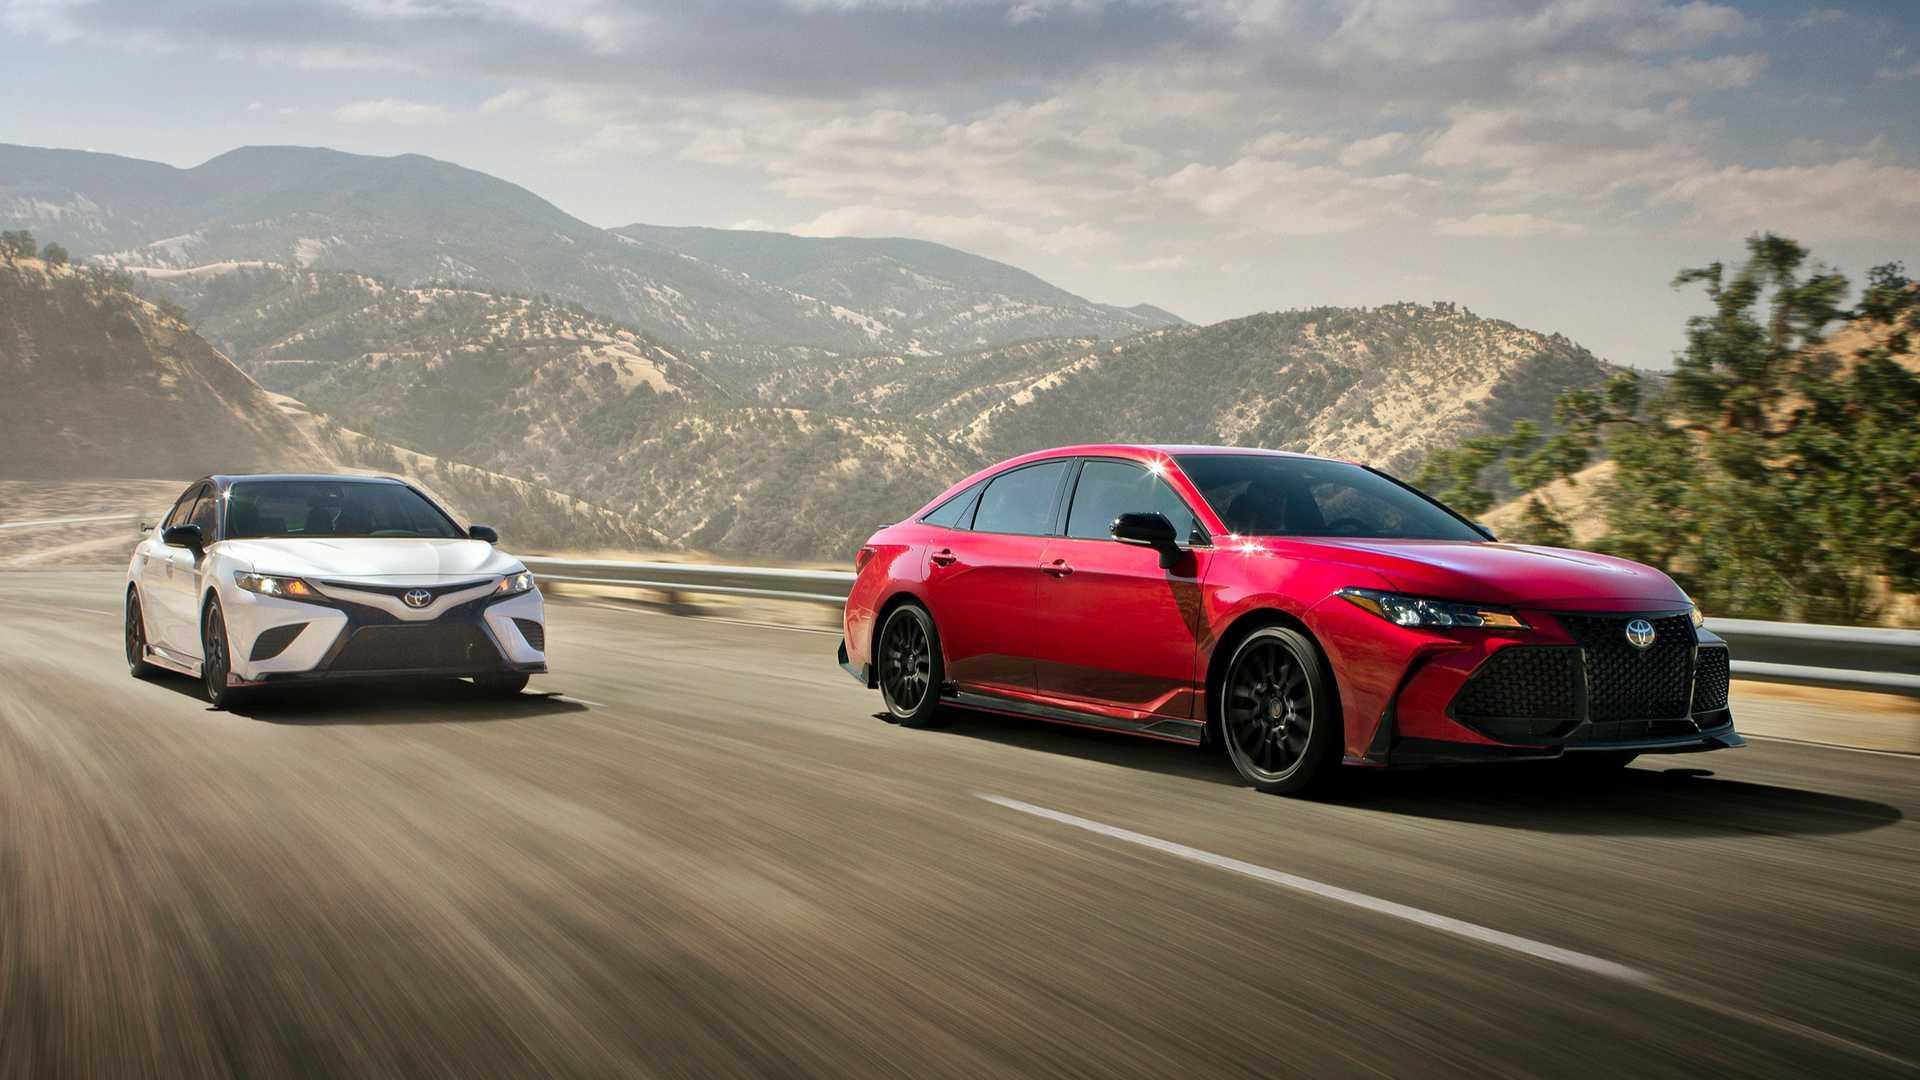 Sedan Toyota Avalon TRD 2020 phiên bản thể thao vừa ra mắt có giá 1 tỉ đồng - 7